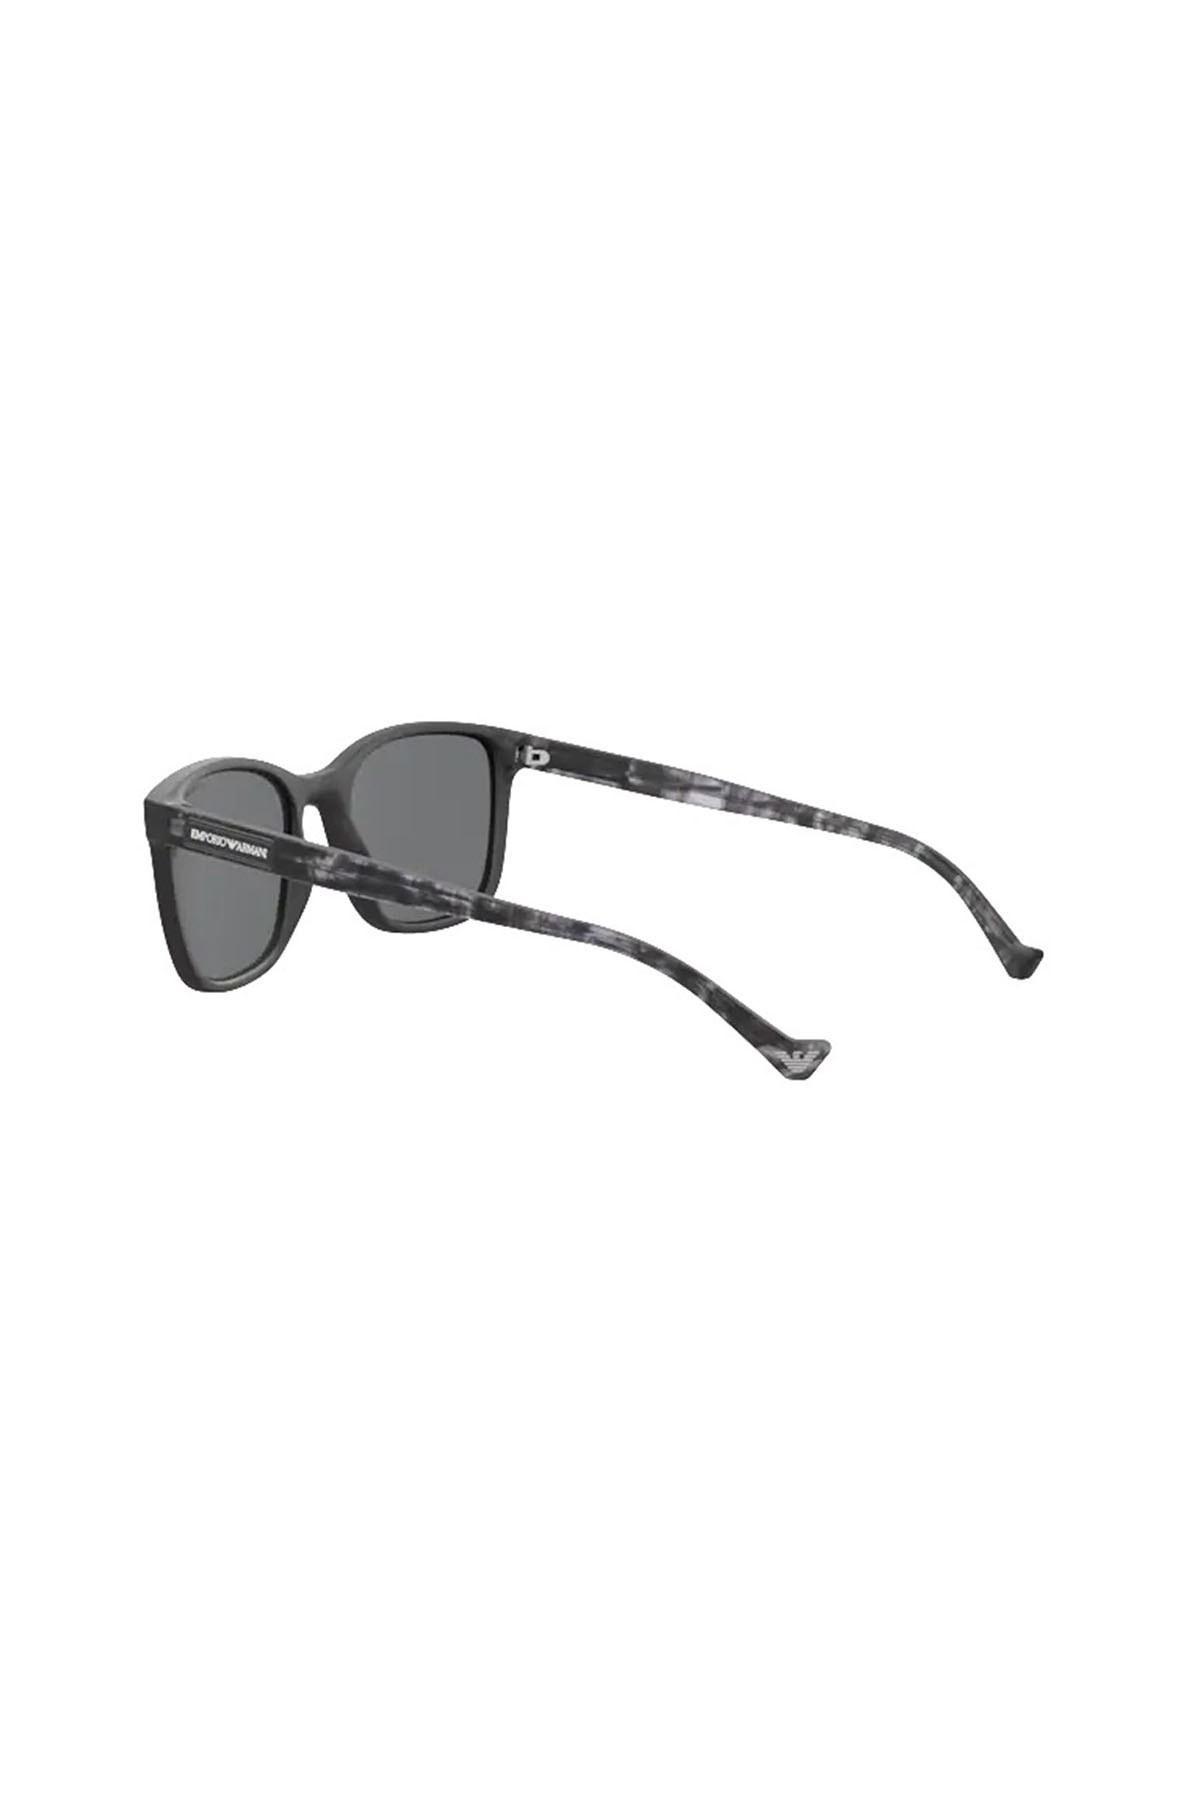 Emporio Armani Erkek Gözlük 0EA4139 501781 54 SİYAH